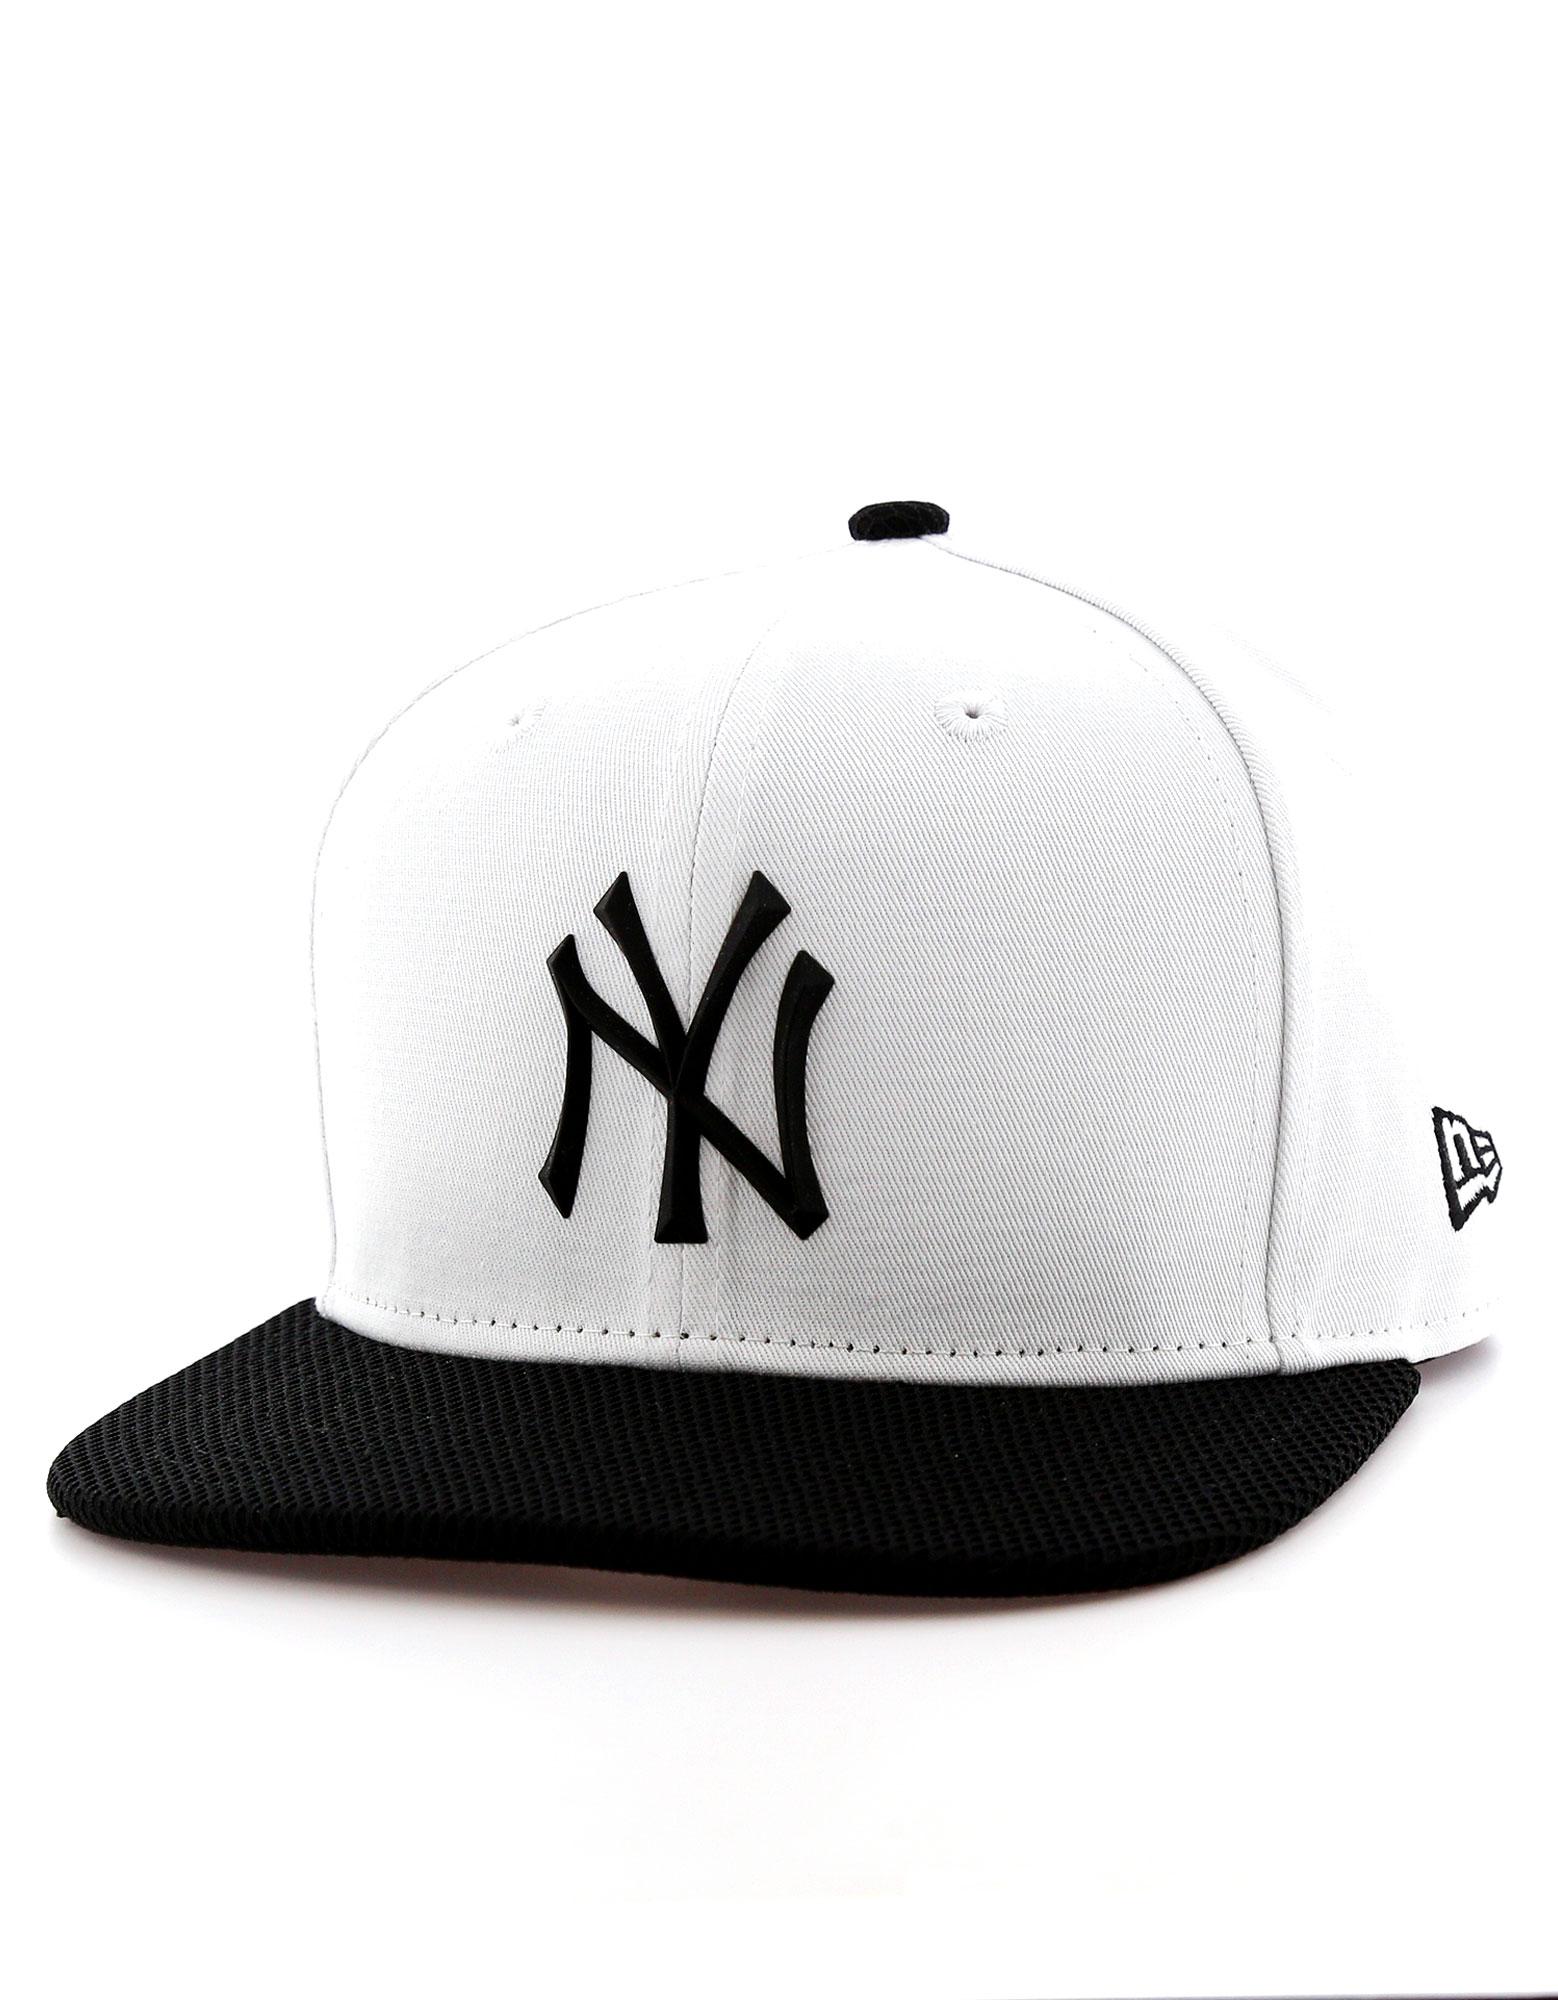 New Era Rubber Prime Ny Yankees Optic White/Black Cap S/M